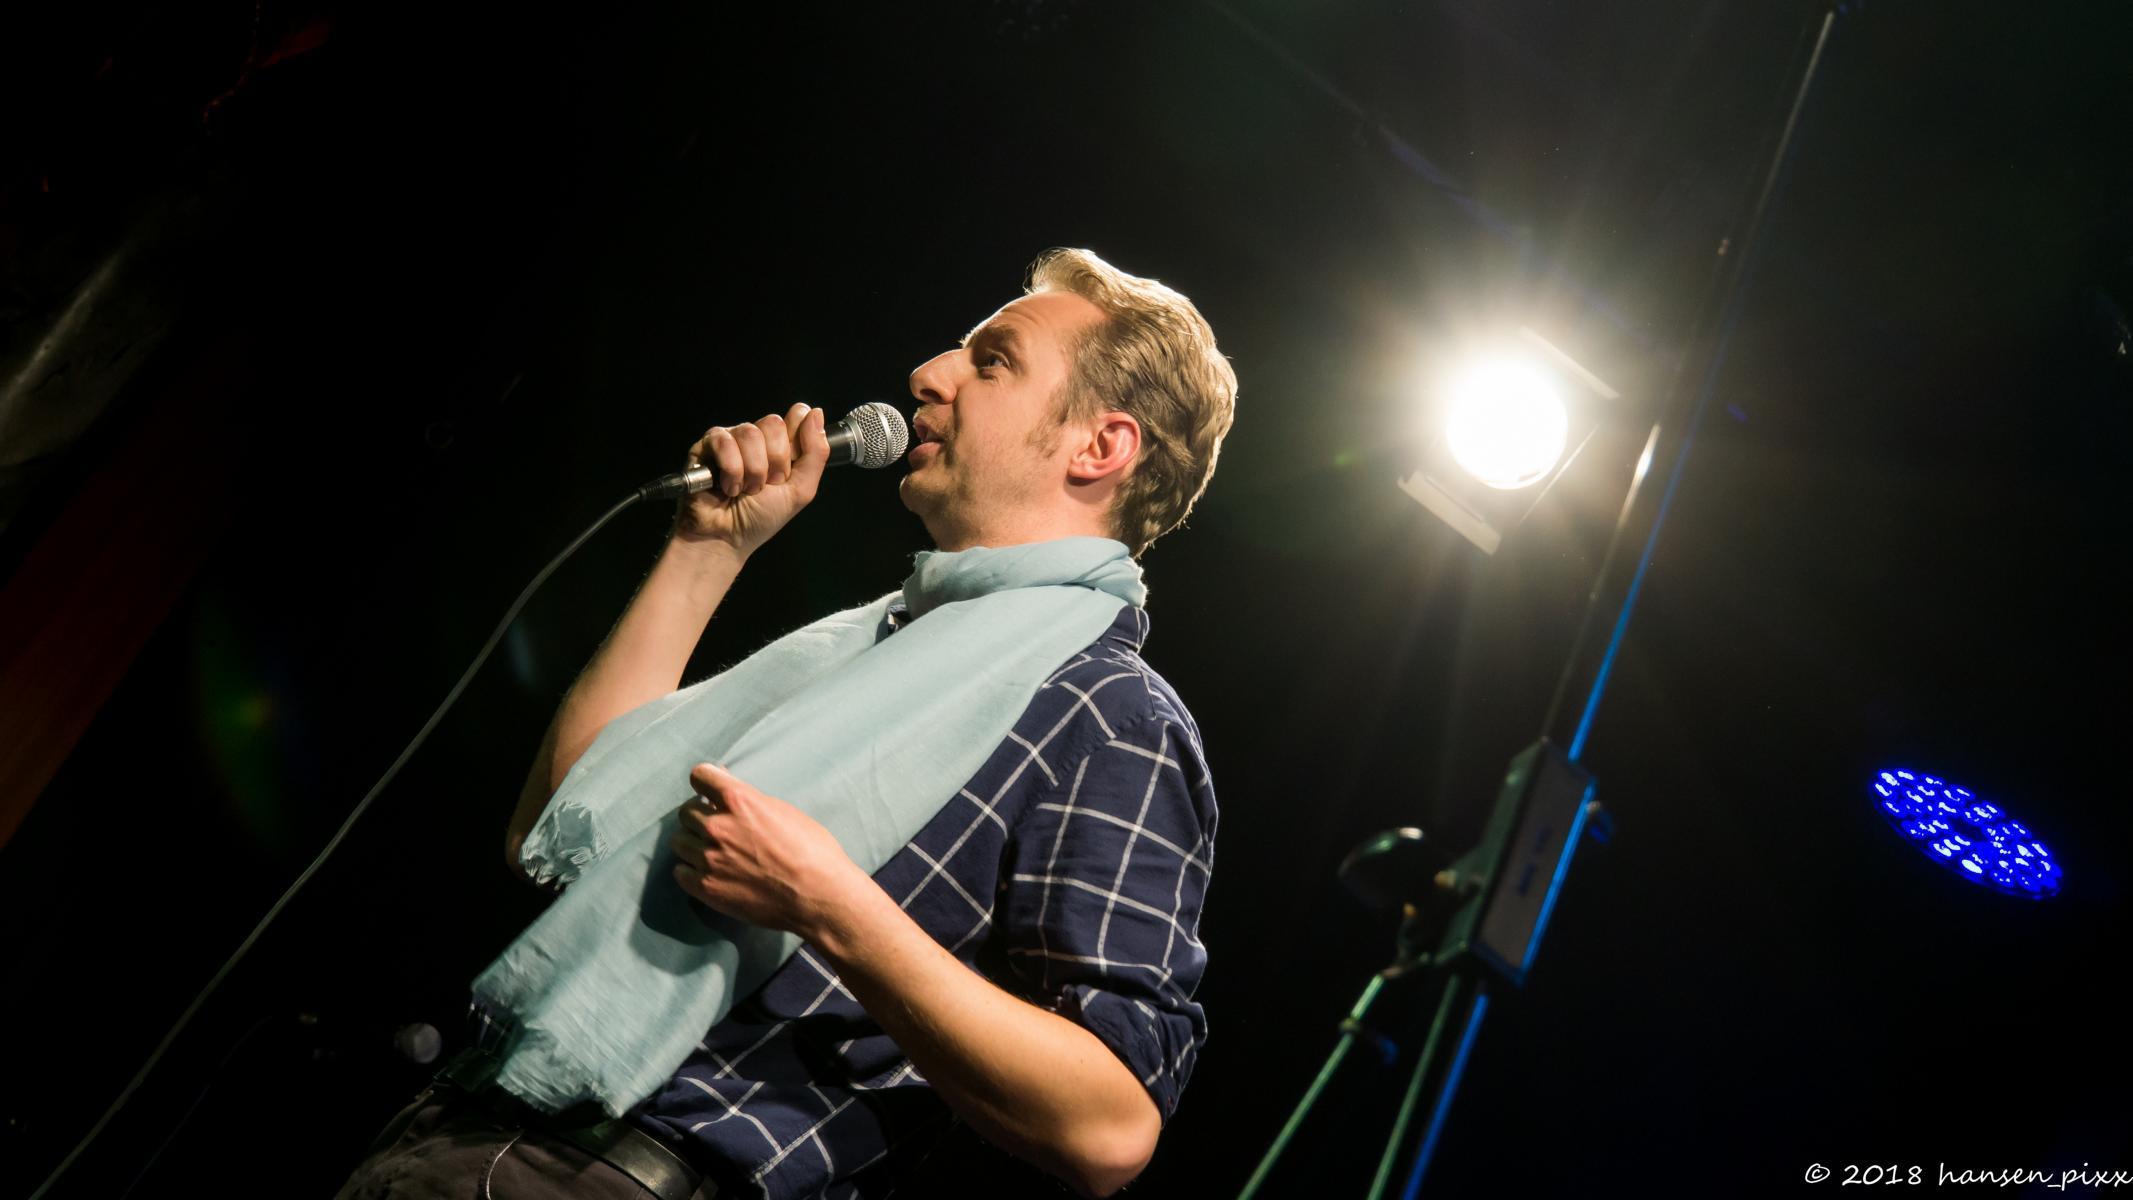 Nach der Pause, in der das Publikum seine Stimmen abgegeben hat, durfte Calippo Schmutz seinen Schauspielberuf ausleben und in die digitale Zukunft schauen.